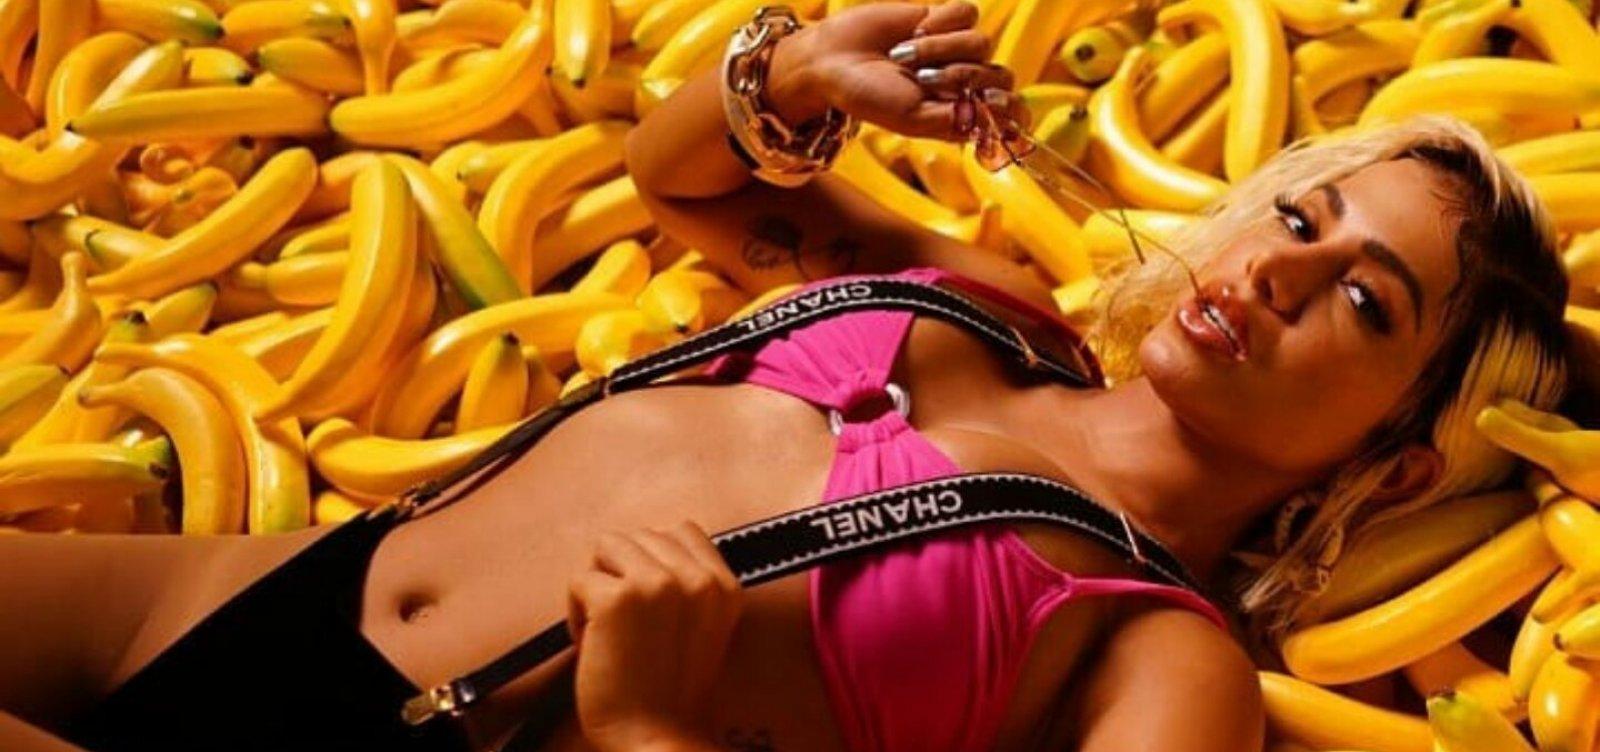 Metrópole ouviu CD novo de Anitta que vazou; ela brilha, mas não empolga